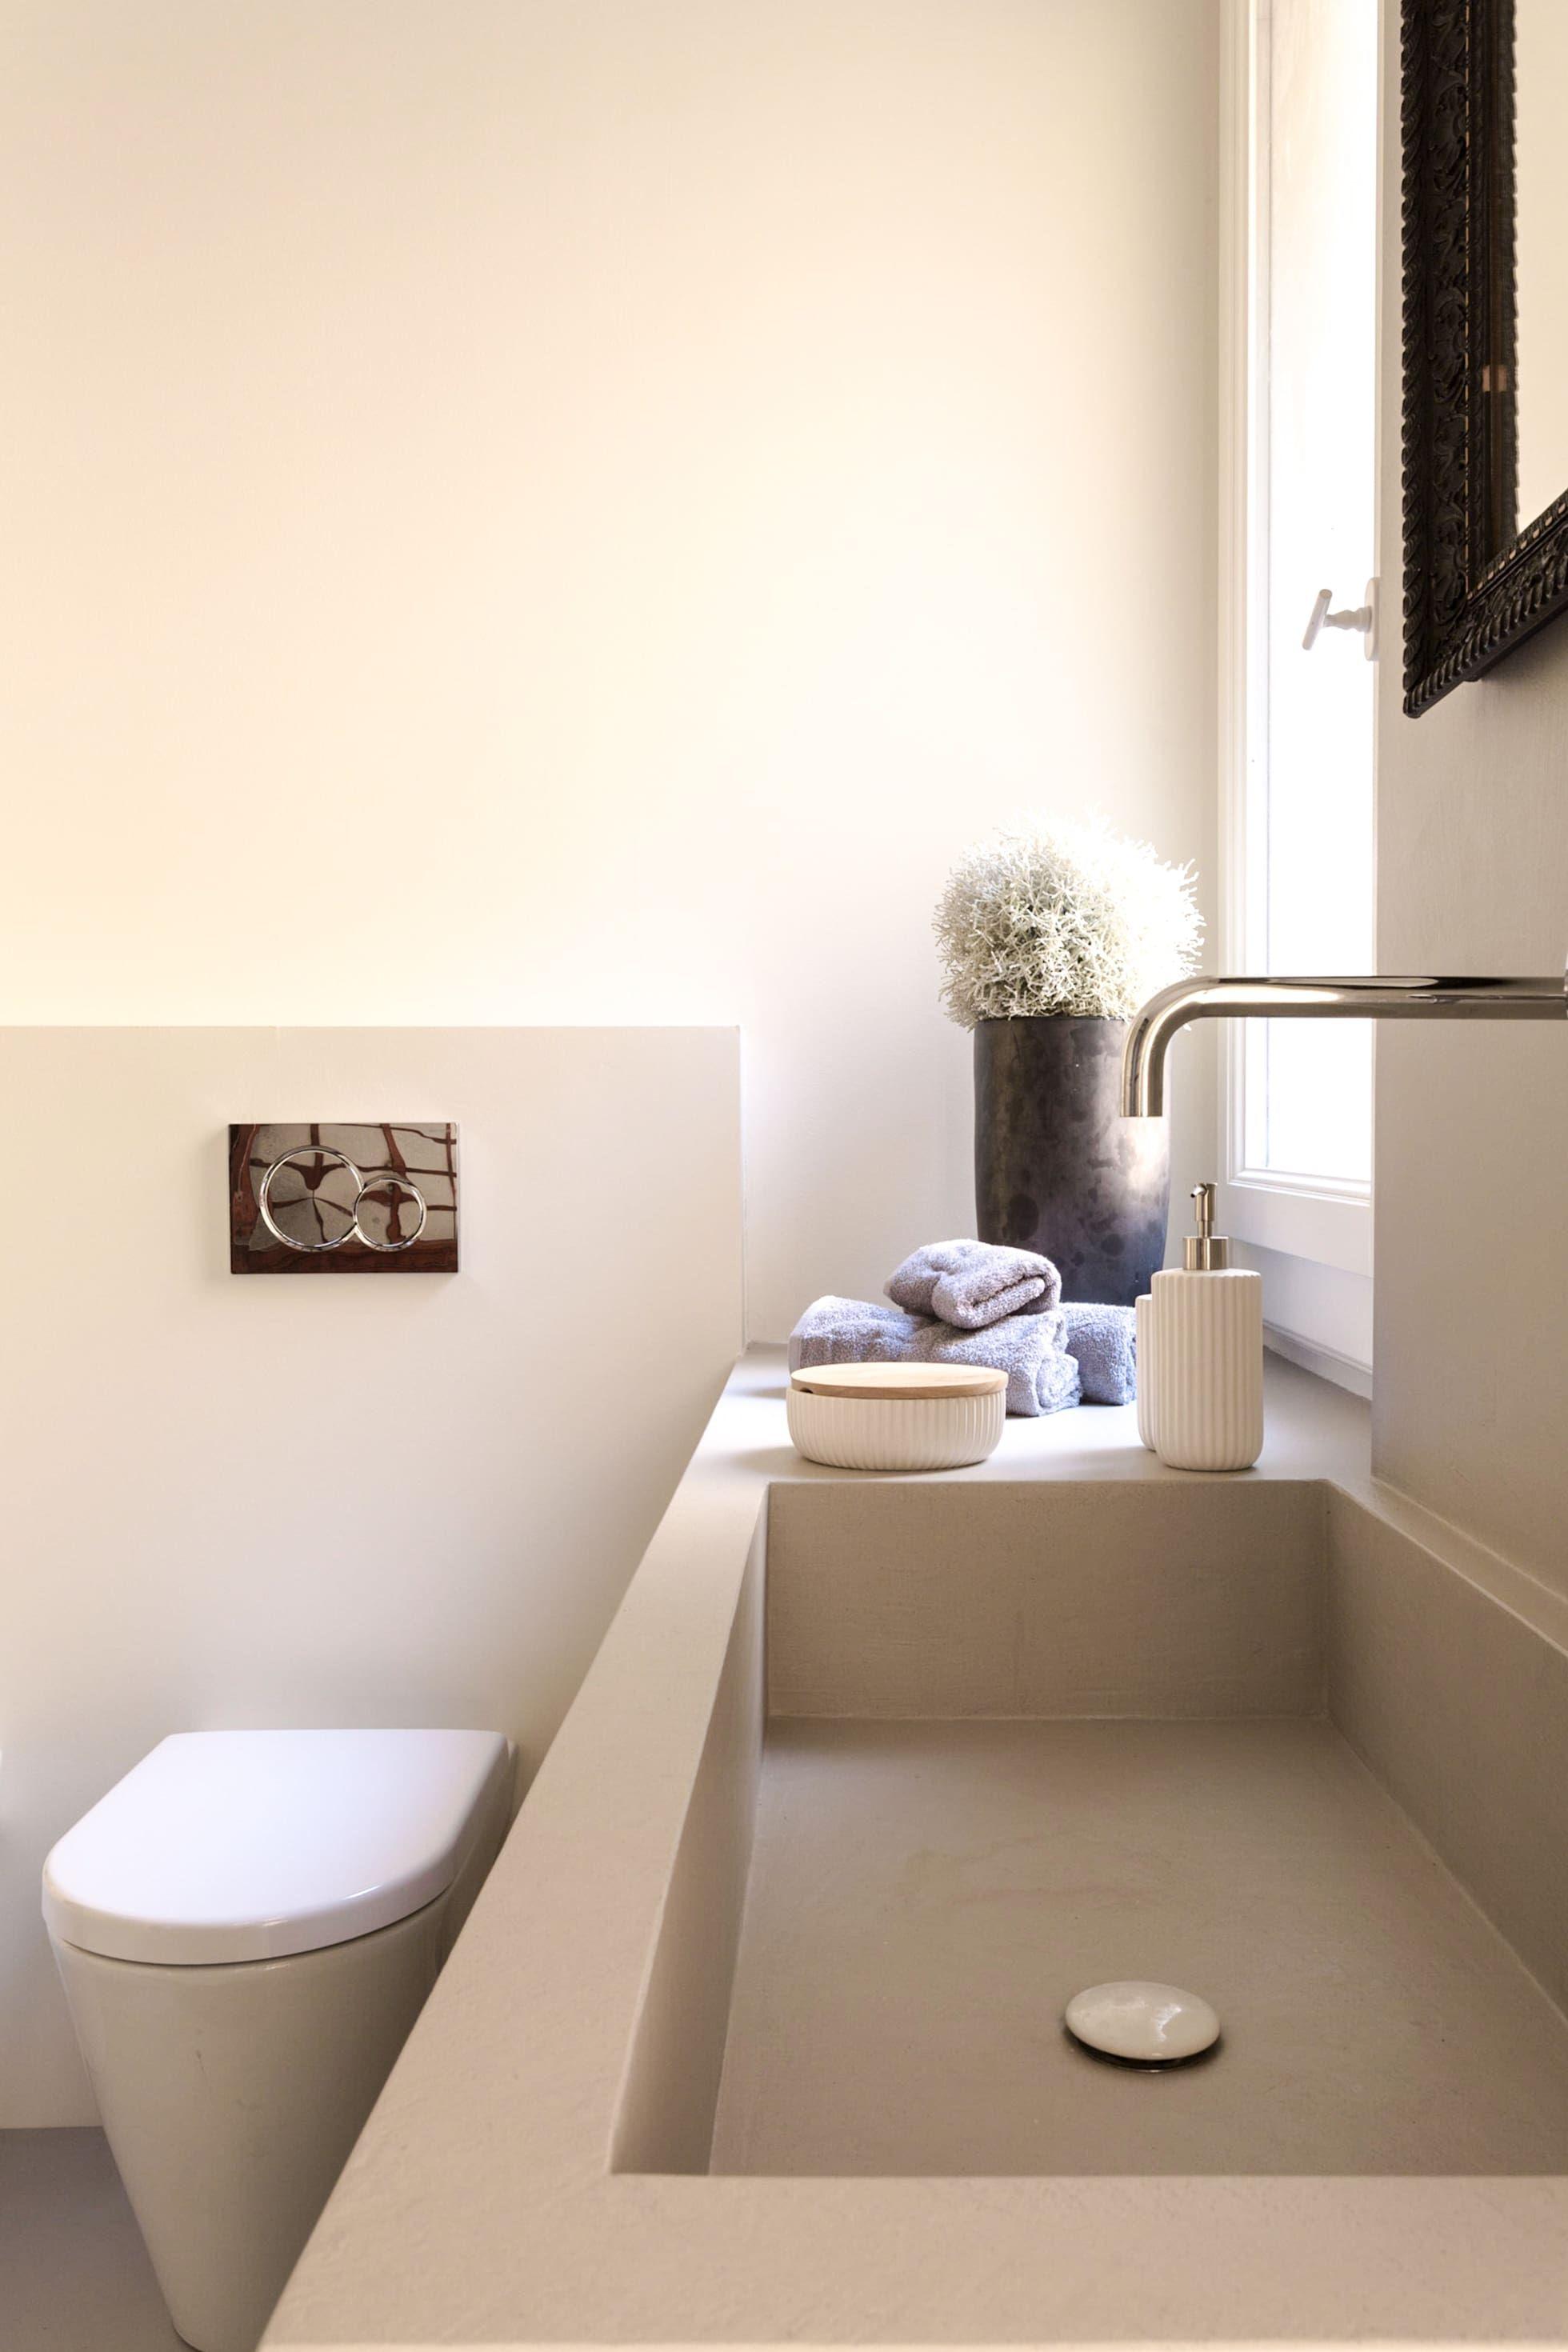 Ristrutturazione Della Casa Della Nonna Viu Architettura Bagno In Stile Mediterraneo Homify Bagno Minimalista Arredamento Bagno Idee Vasca Da Bagno